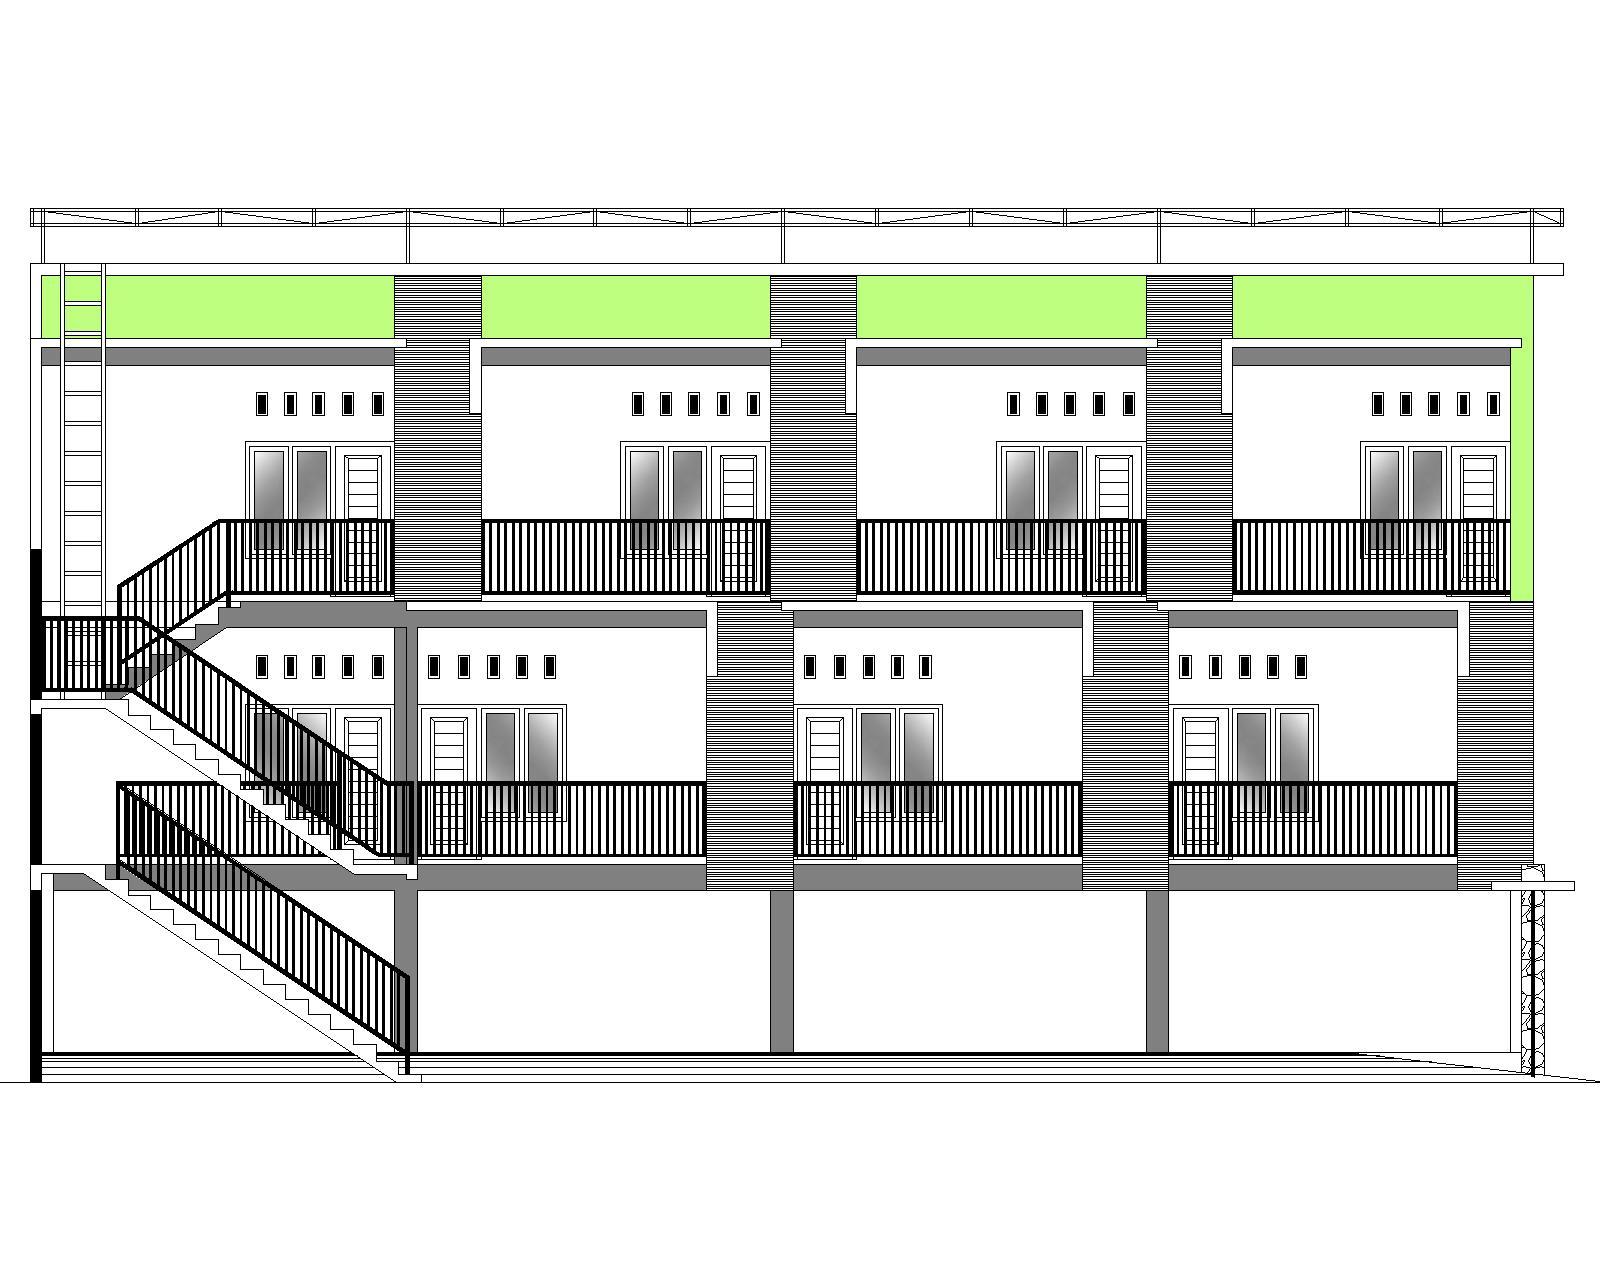 Dapatkan Desain Jadi Rumah Kos 2 Lantai Ukuran Lahan